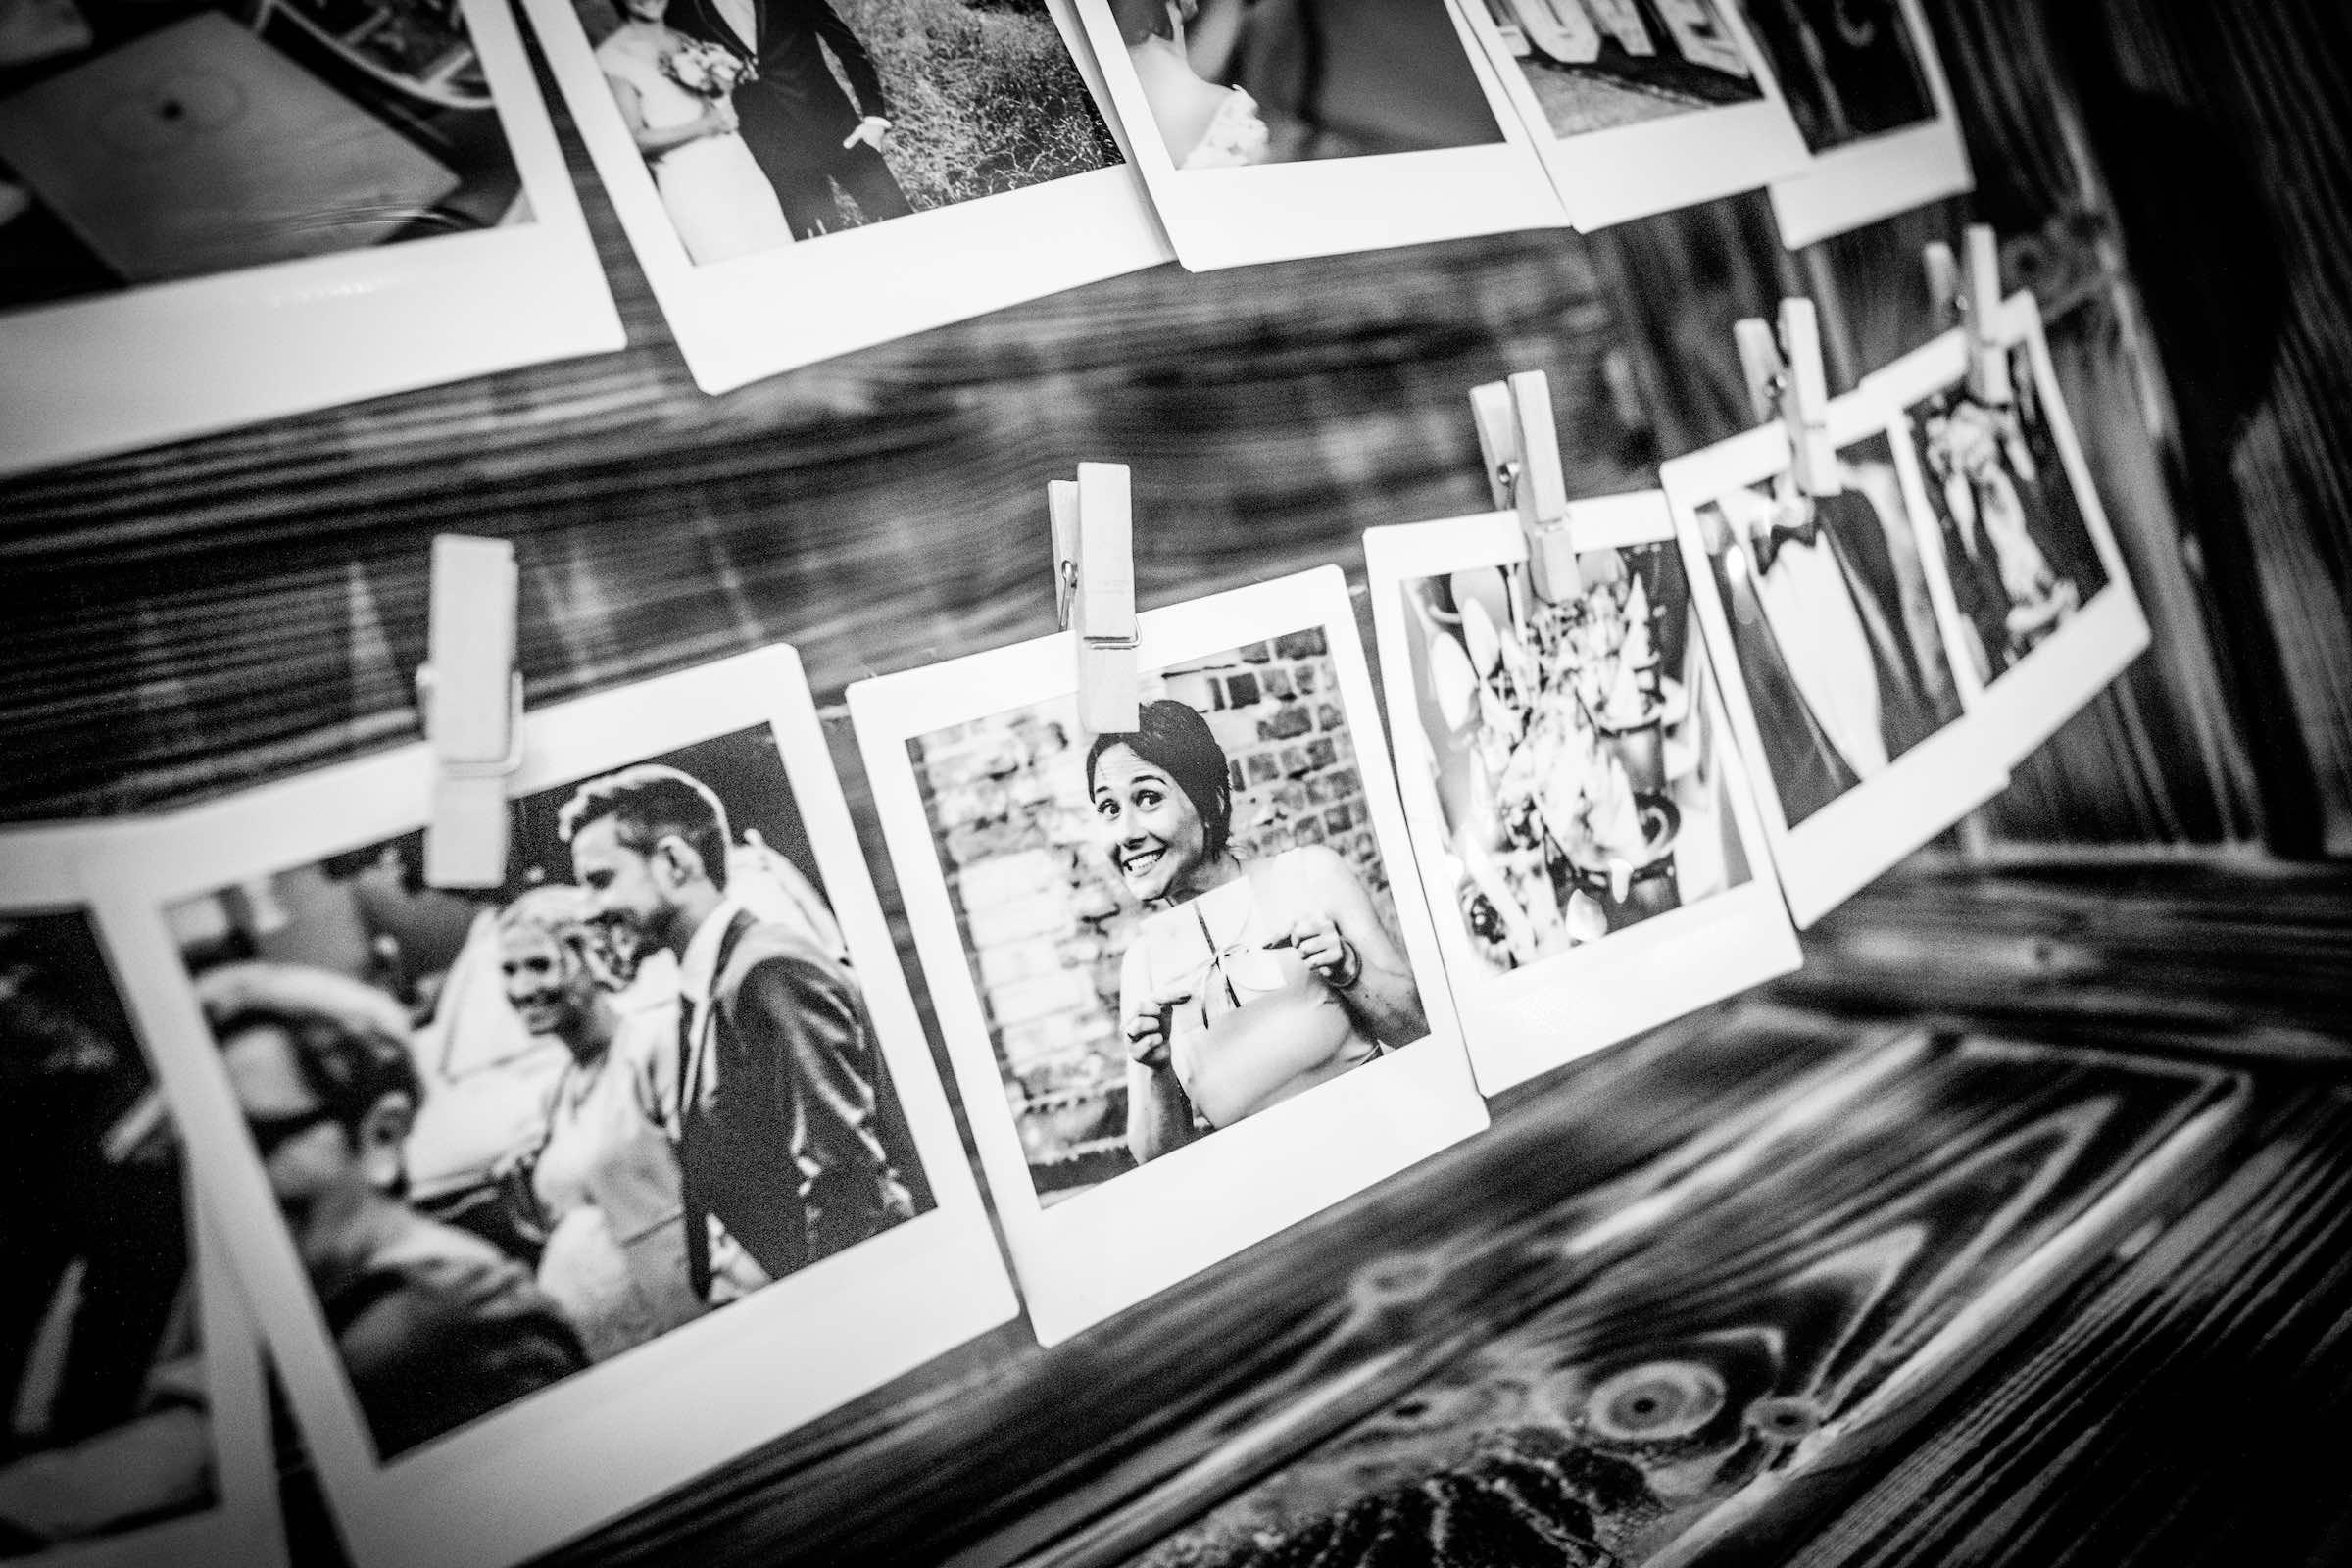 Polaroid | Kamera | Hochzeit | Polaroid | Set | Bundle | Koffer | Mieten | Anfragen | Buchen | Hochzeit | Event | Sofortbildkamera | Versand | Lieferung | Knipsel